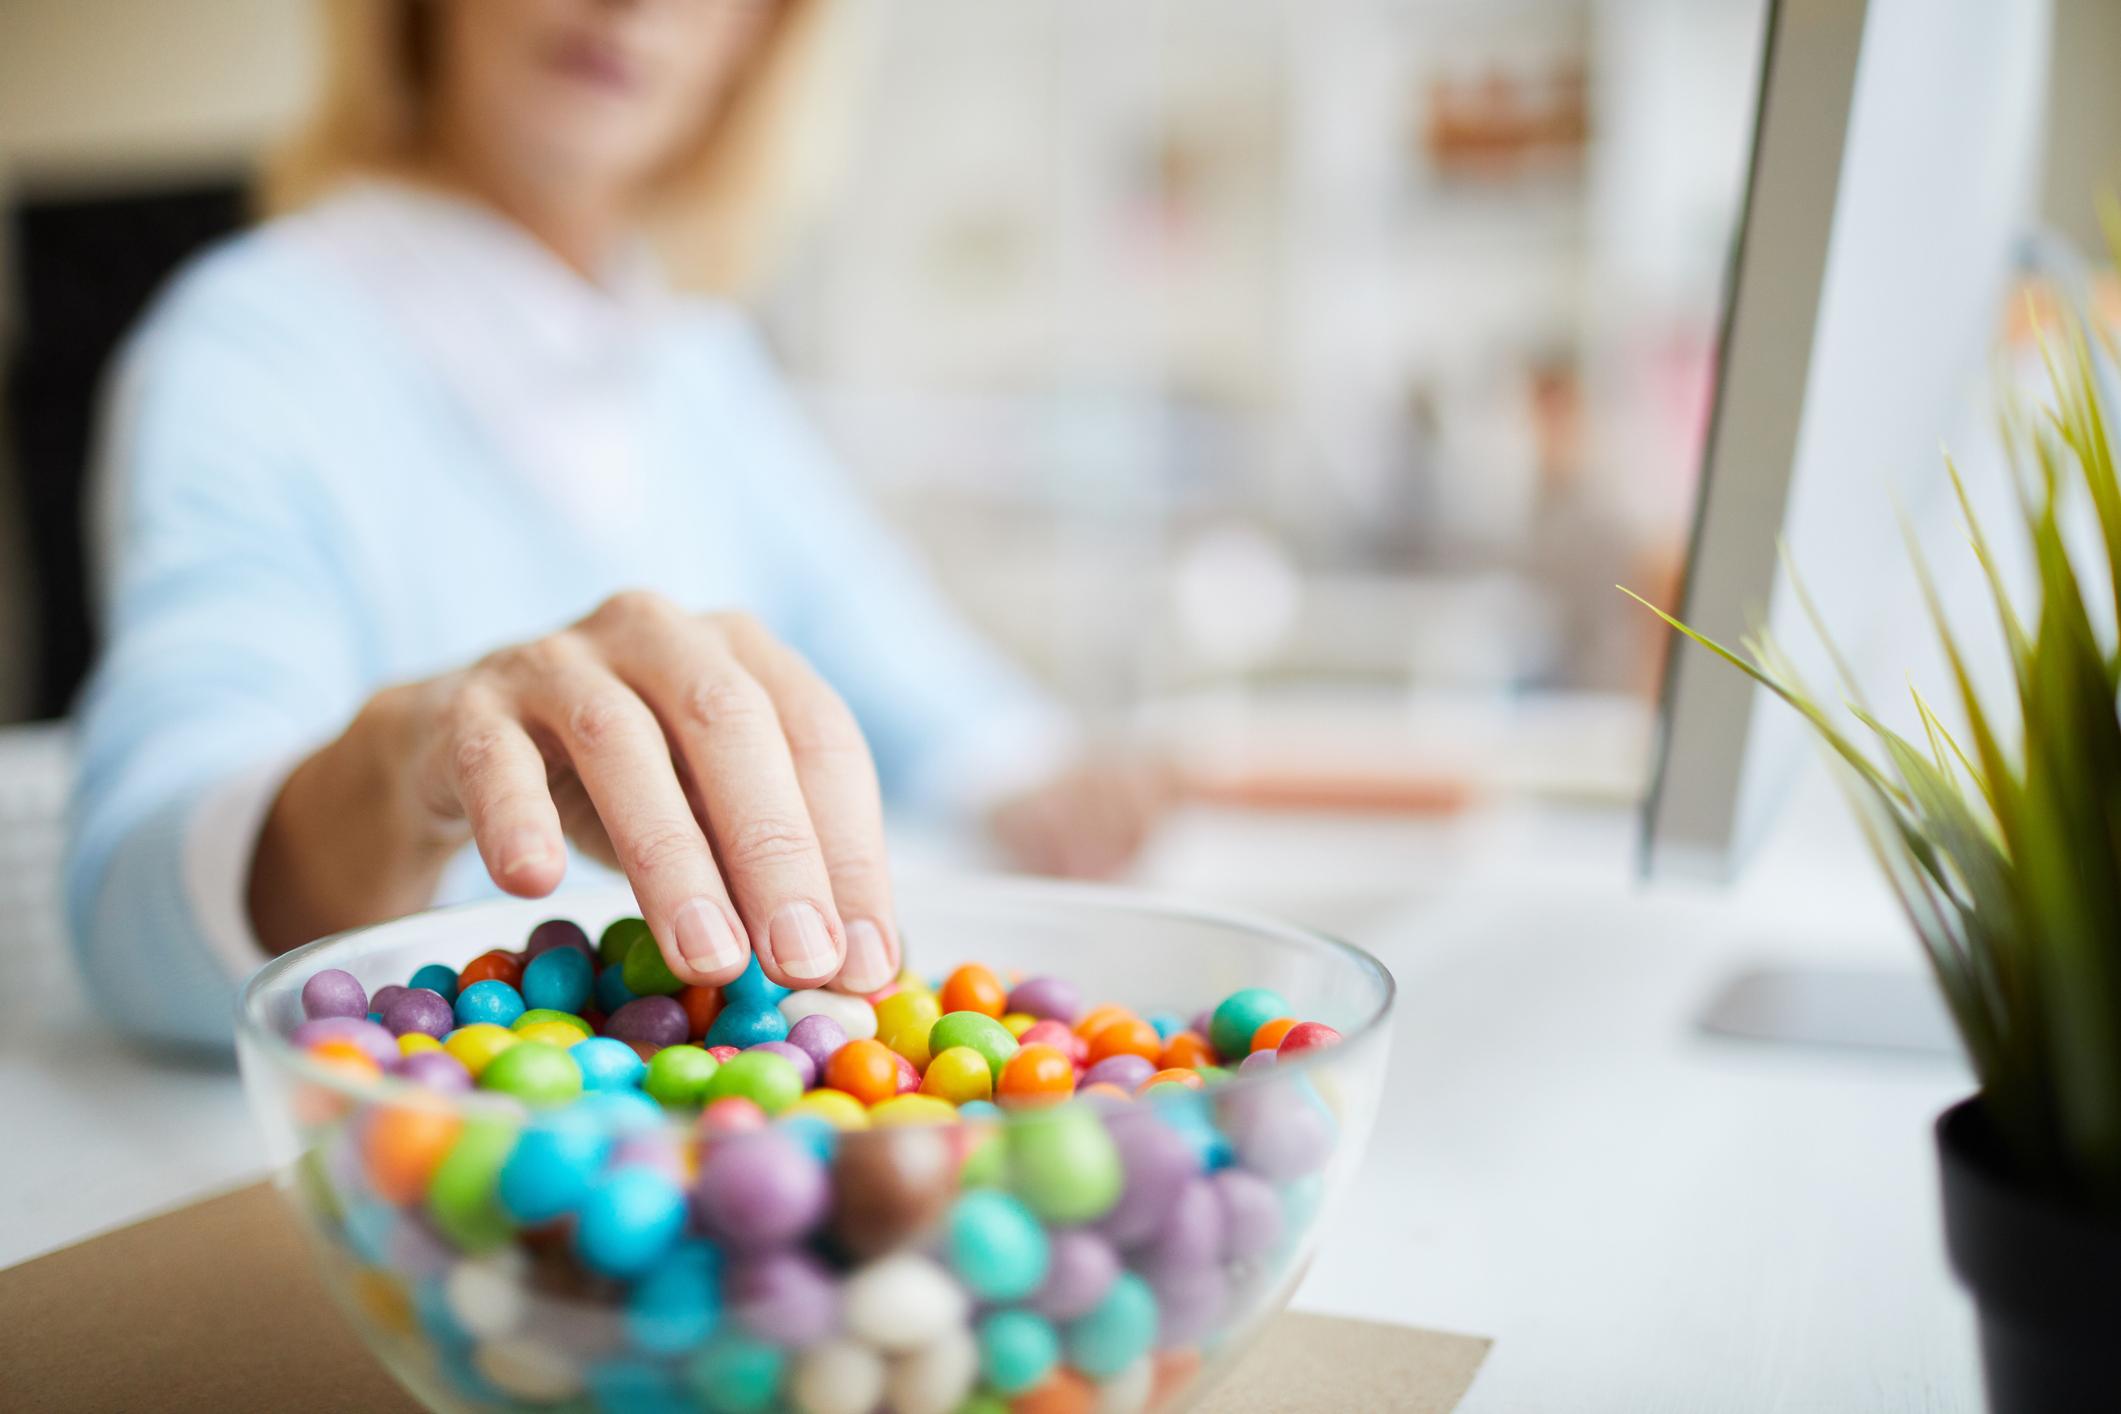 Ako osoba tijekom poslijepodneva žudi za čokoladom, znanstvenici joj savjetuju konzumaciju manje količine slatkog užitka kako bi ostala u formi i zadržala dobro raspoloženje.